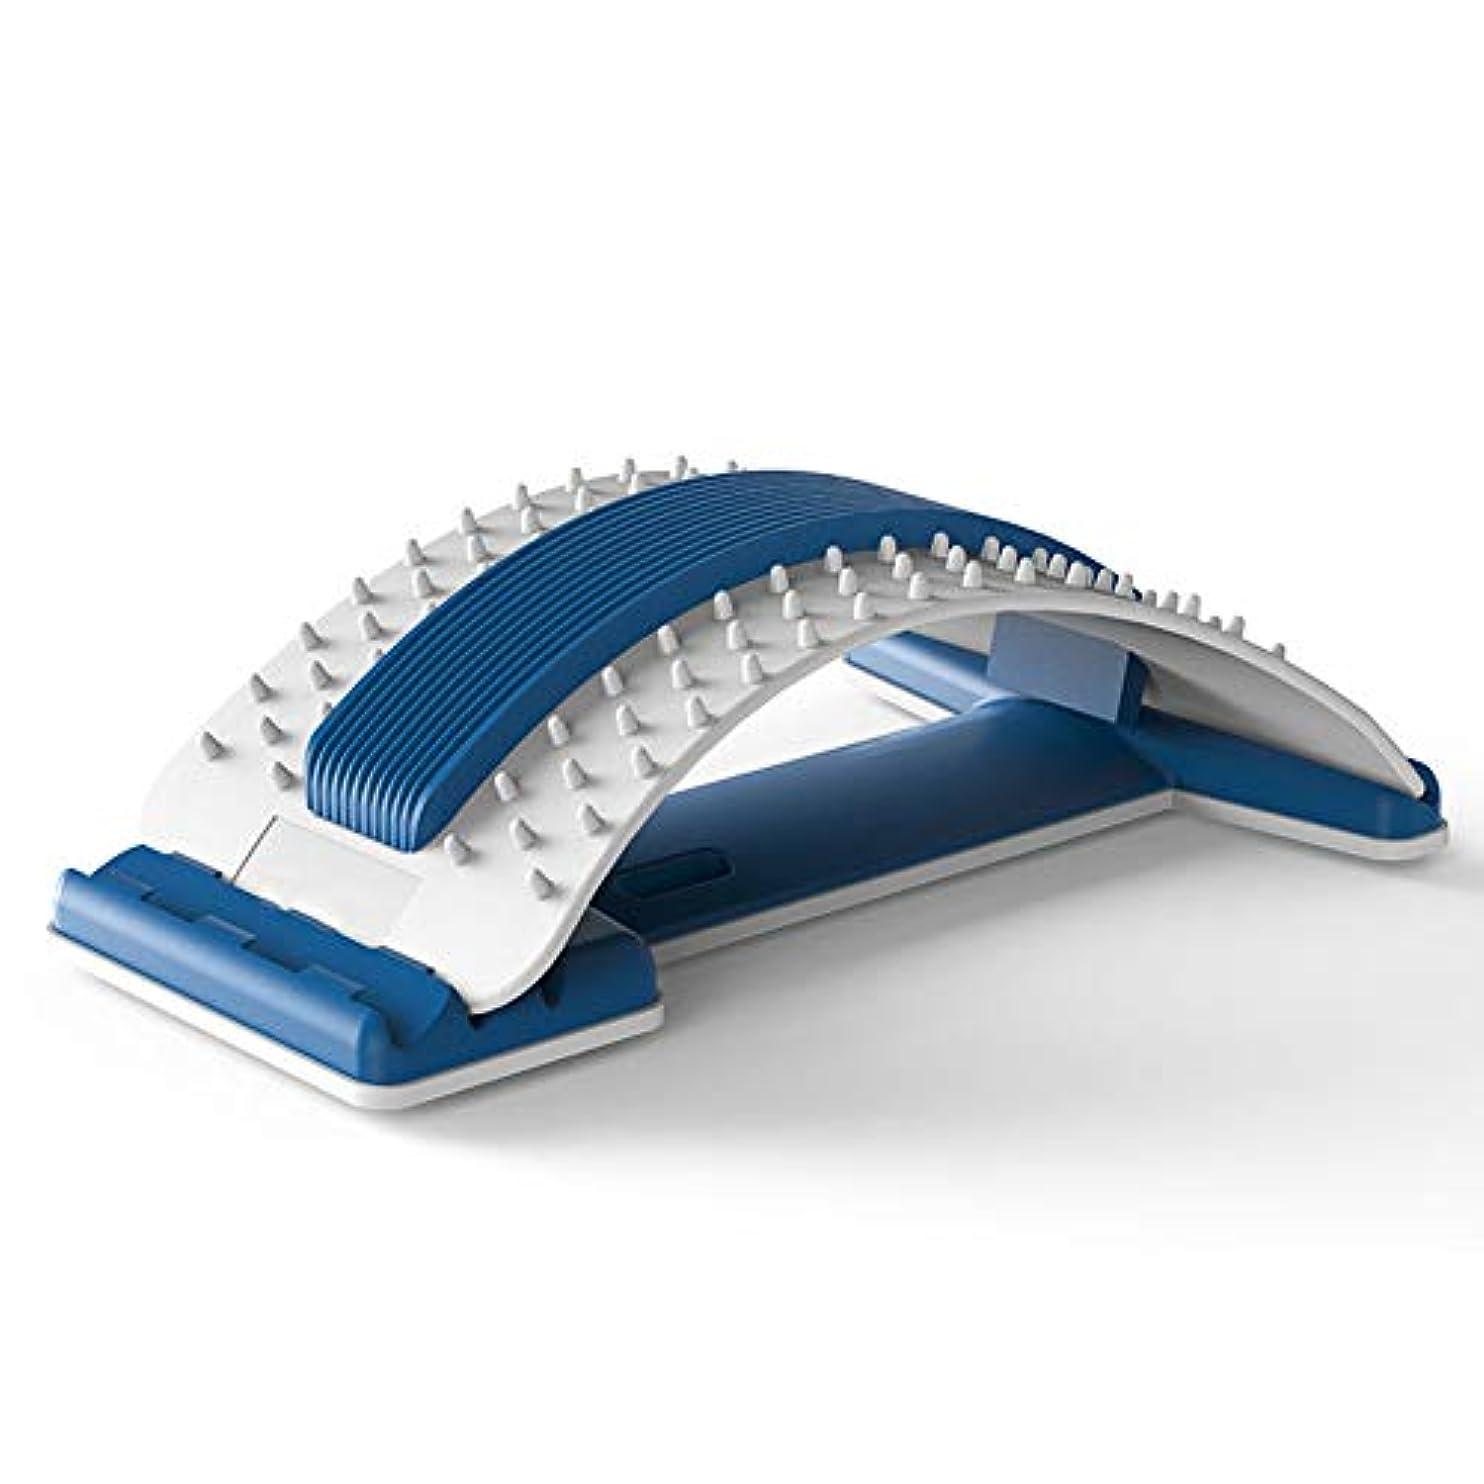 ホップ一時的レイア腰椎矯正腰椎間板ヘルニアトラクターポータブル鍼治療パッド腰椎理学療法器具家庭用車